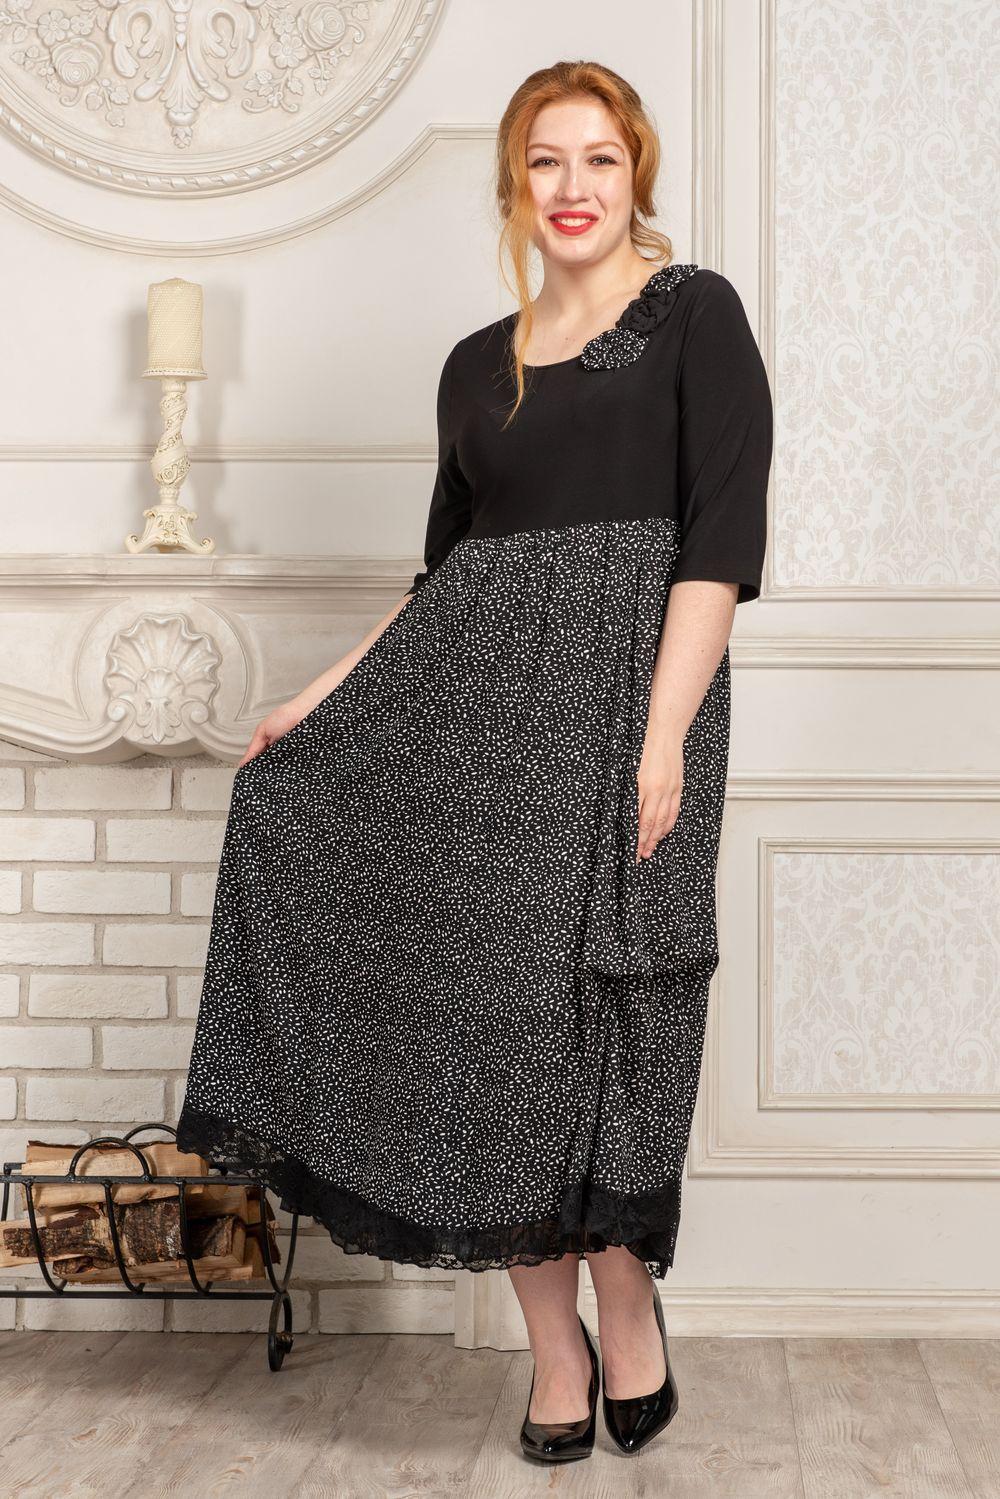 купить платье в брянске недорого каталог